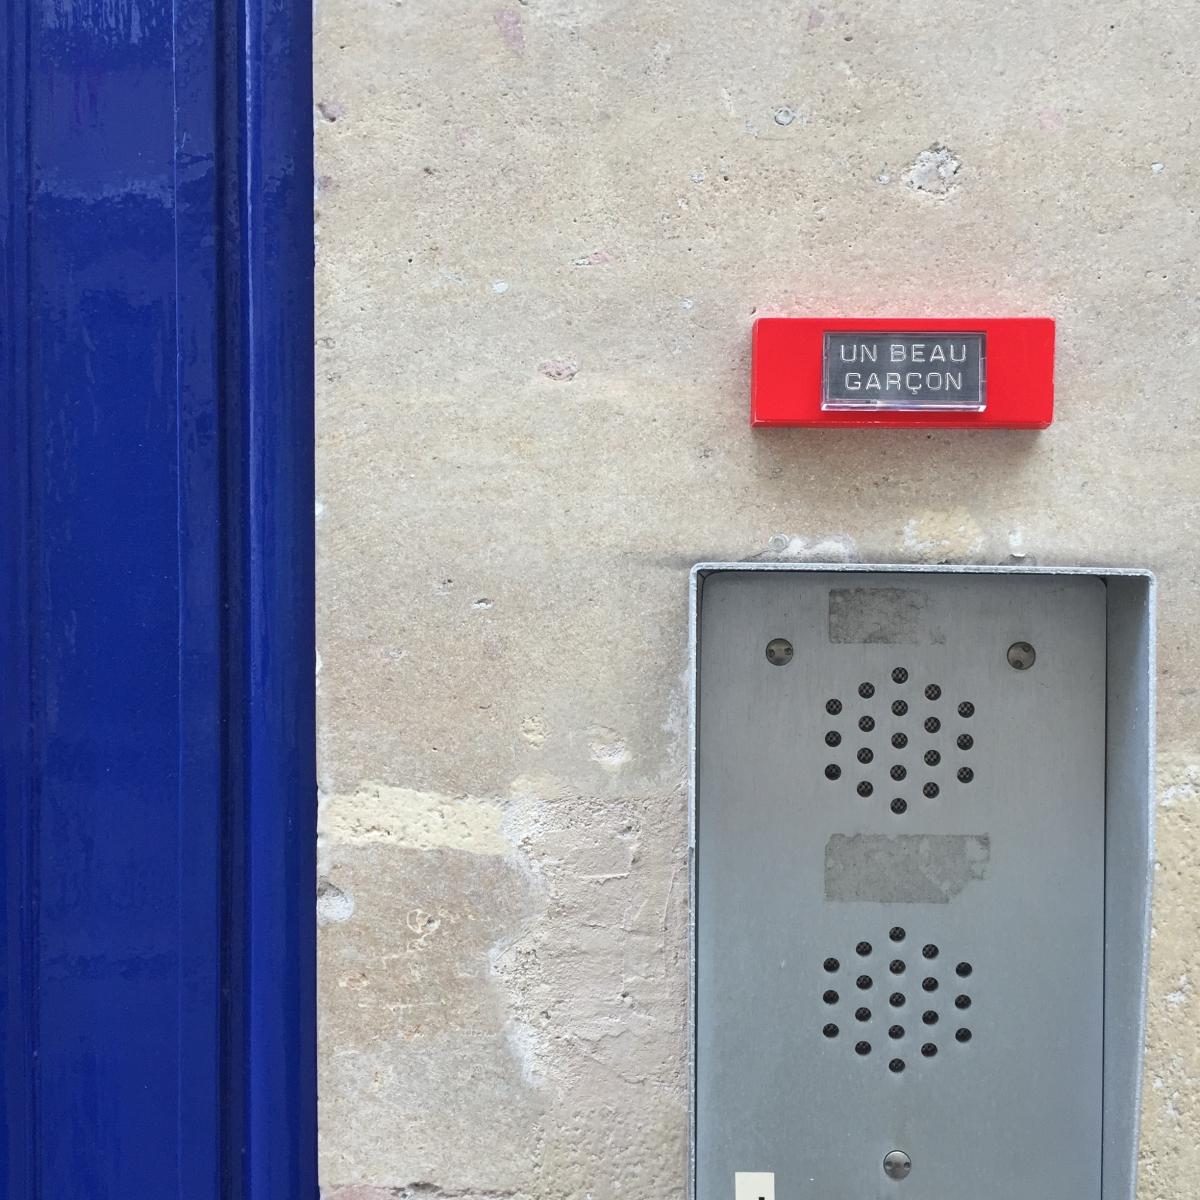 Un beau garçon - Paris 9ème arrondissement - 2015 - Le Sonneur